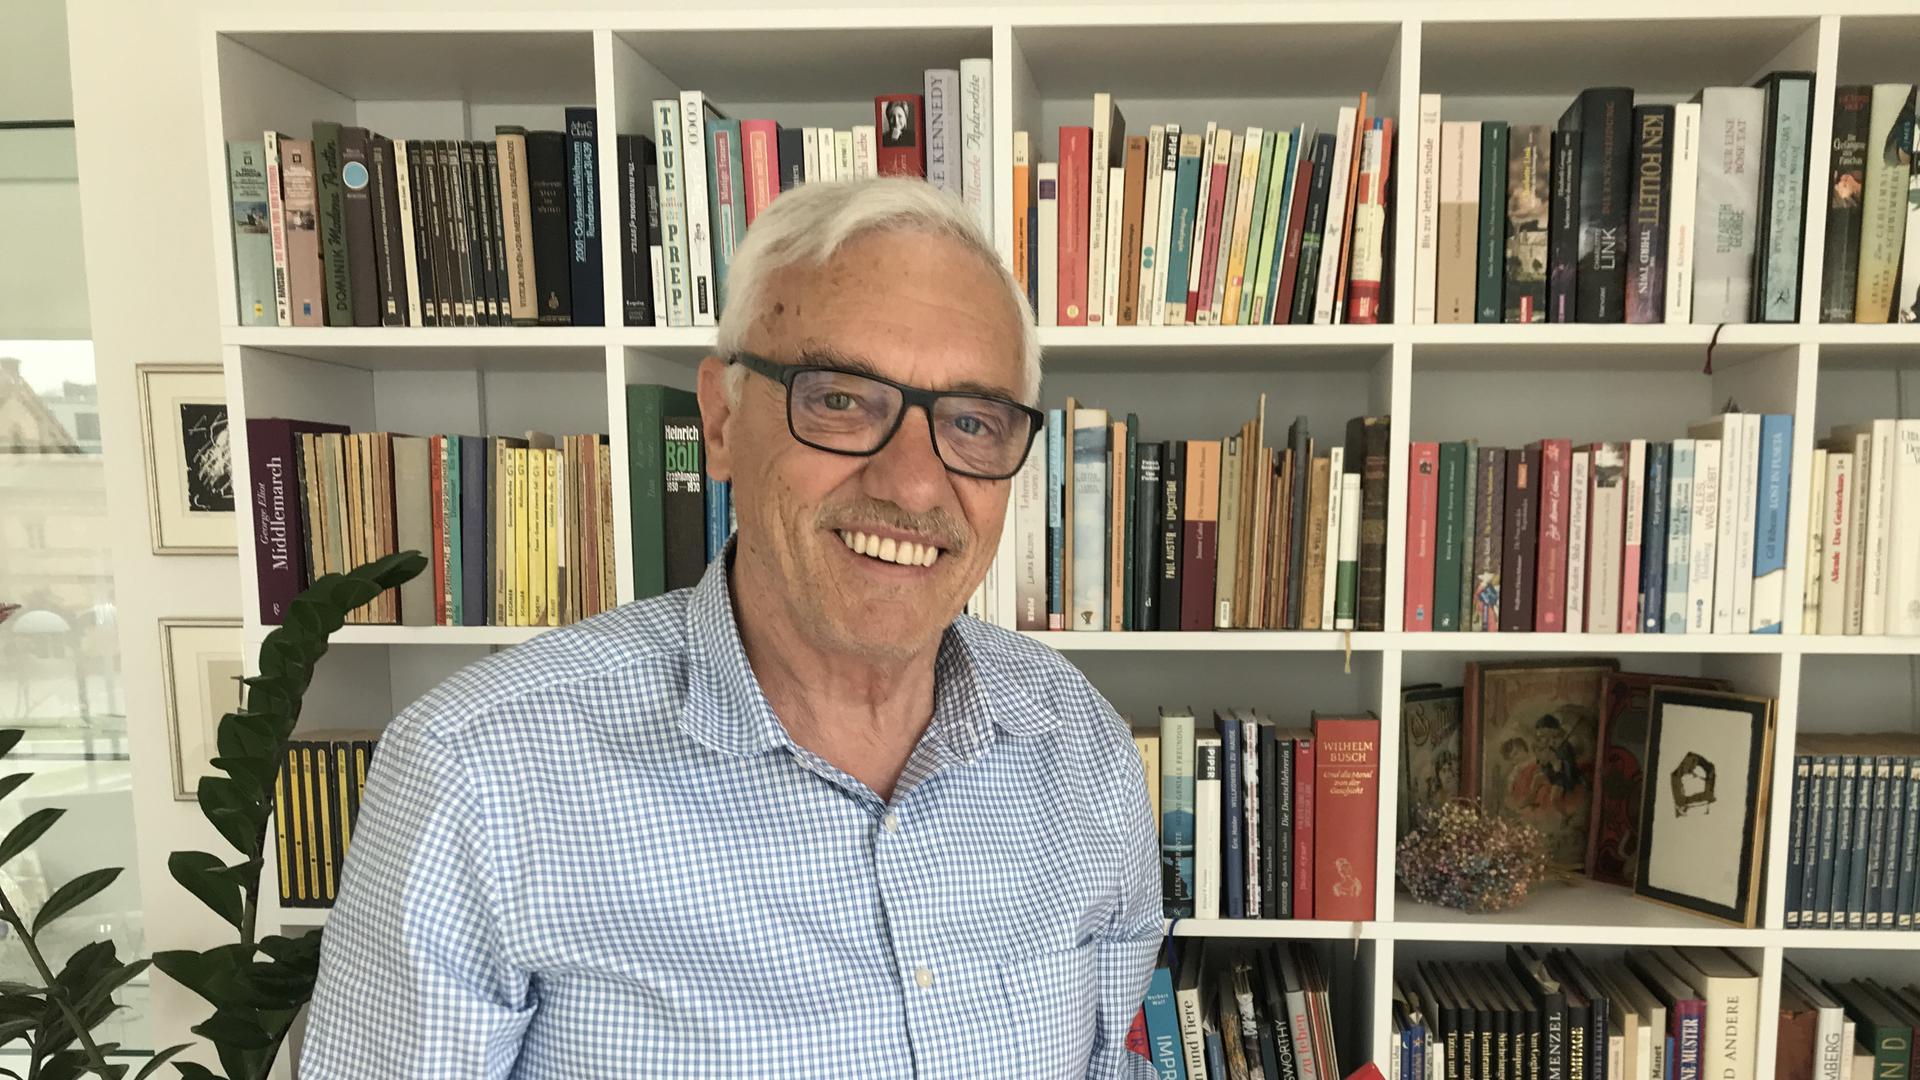 """Michael Rotert steht vor einem Bücherregal in seiner Landauer Wohnung. Er ist einer der Wissenschaftler, die 1984 den ersten deutschen E-Mail-Server Deutschlands in Karlsruhe zum Laufen brachten. Die Nachricht aus den USA, die oft als """"erste E-Mail Deutschlands"""" bezeichnet wird, war an Rotert adressiert."""